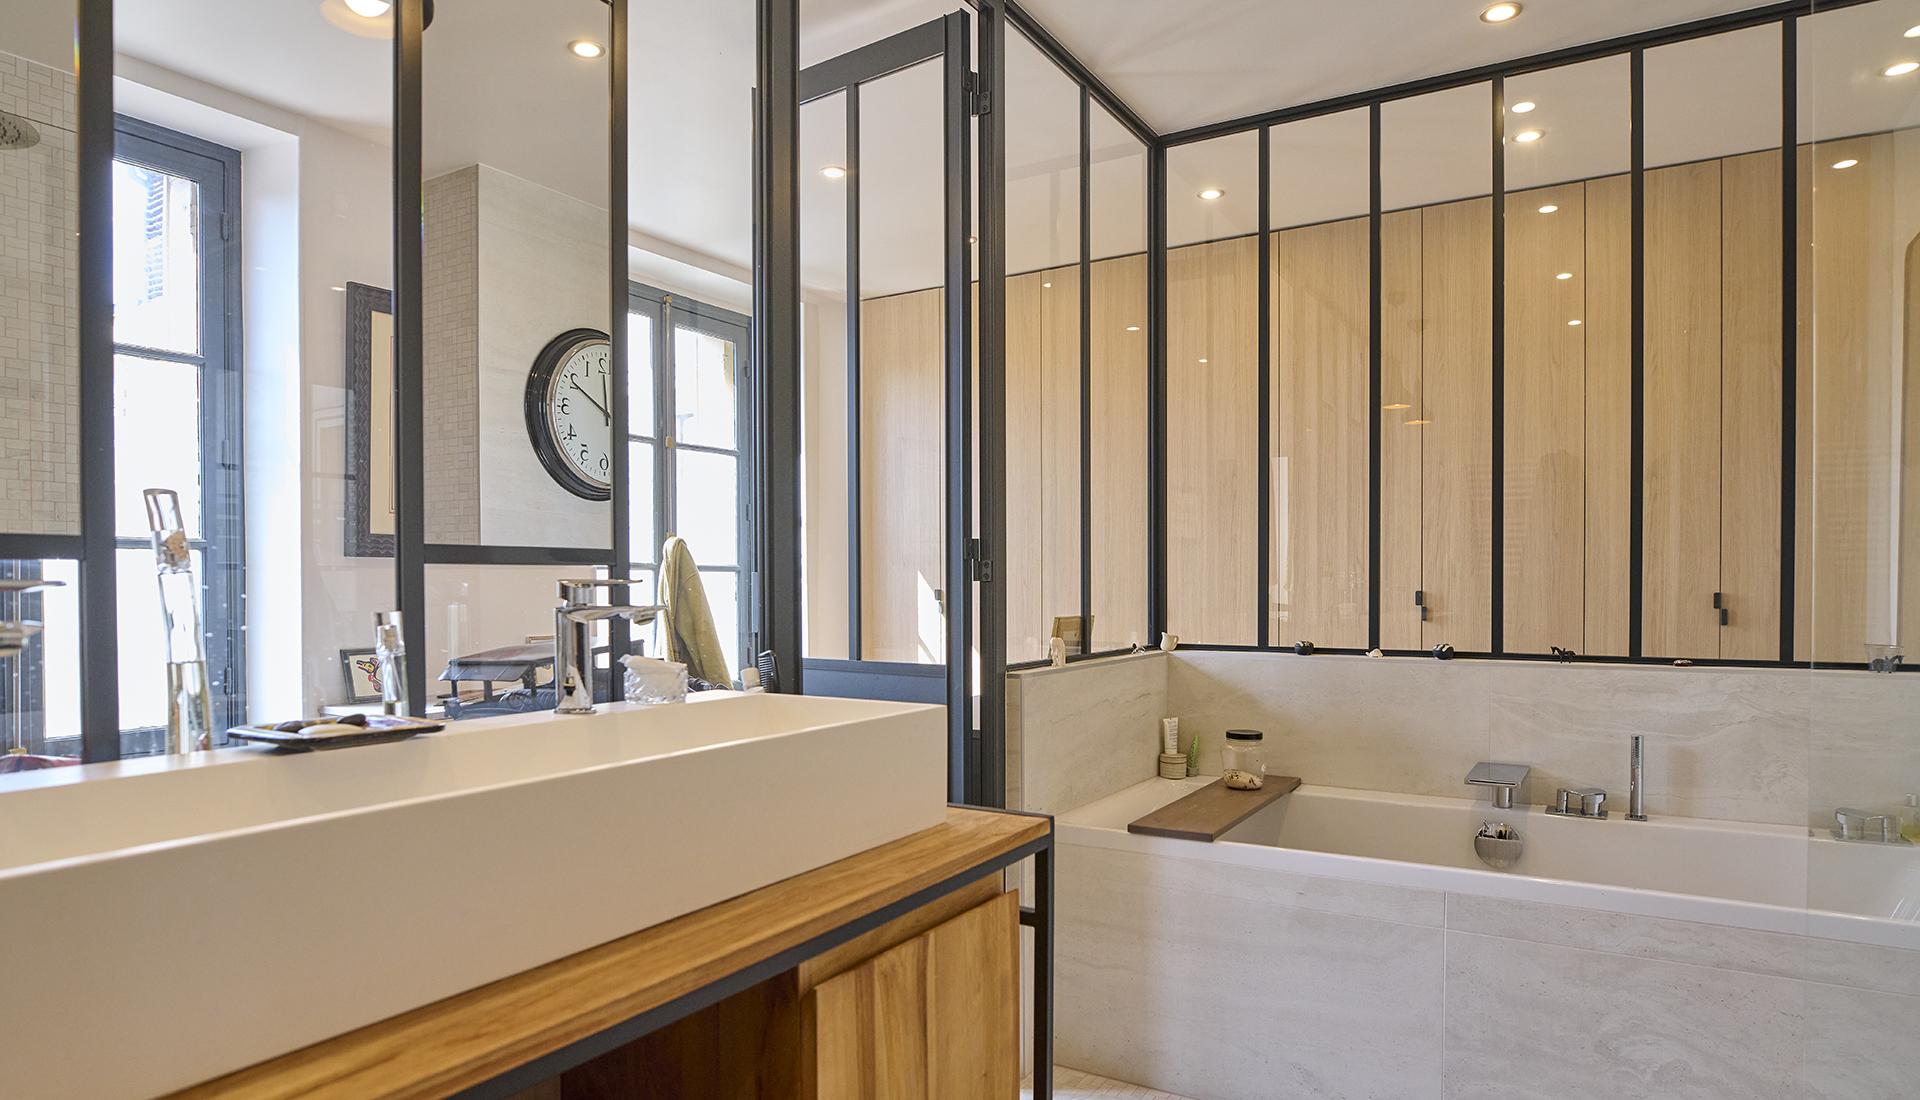 st-germain-3_bathroom_2